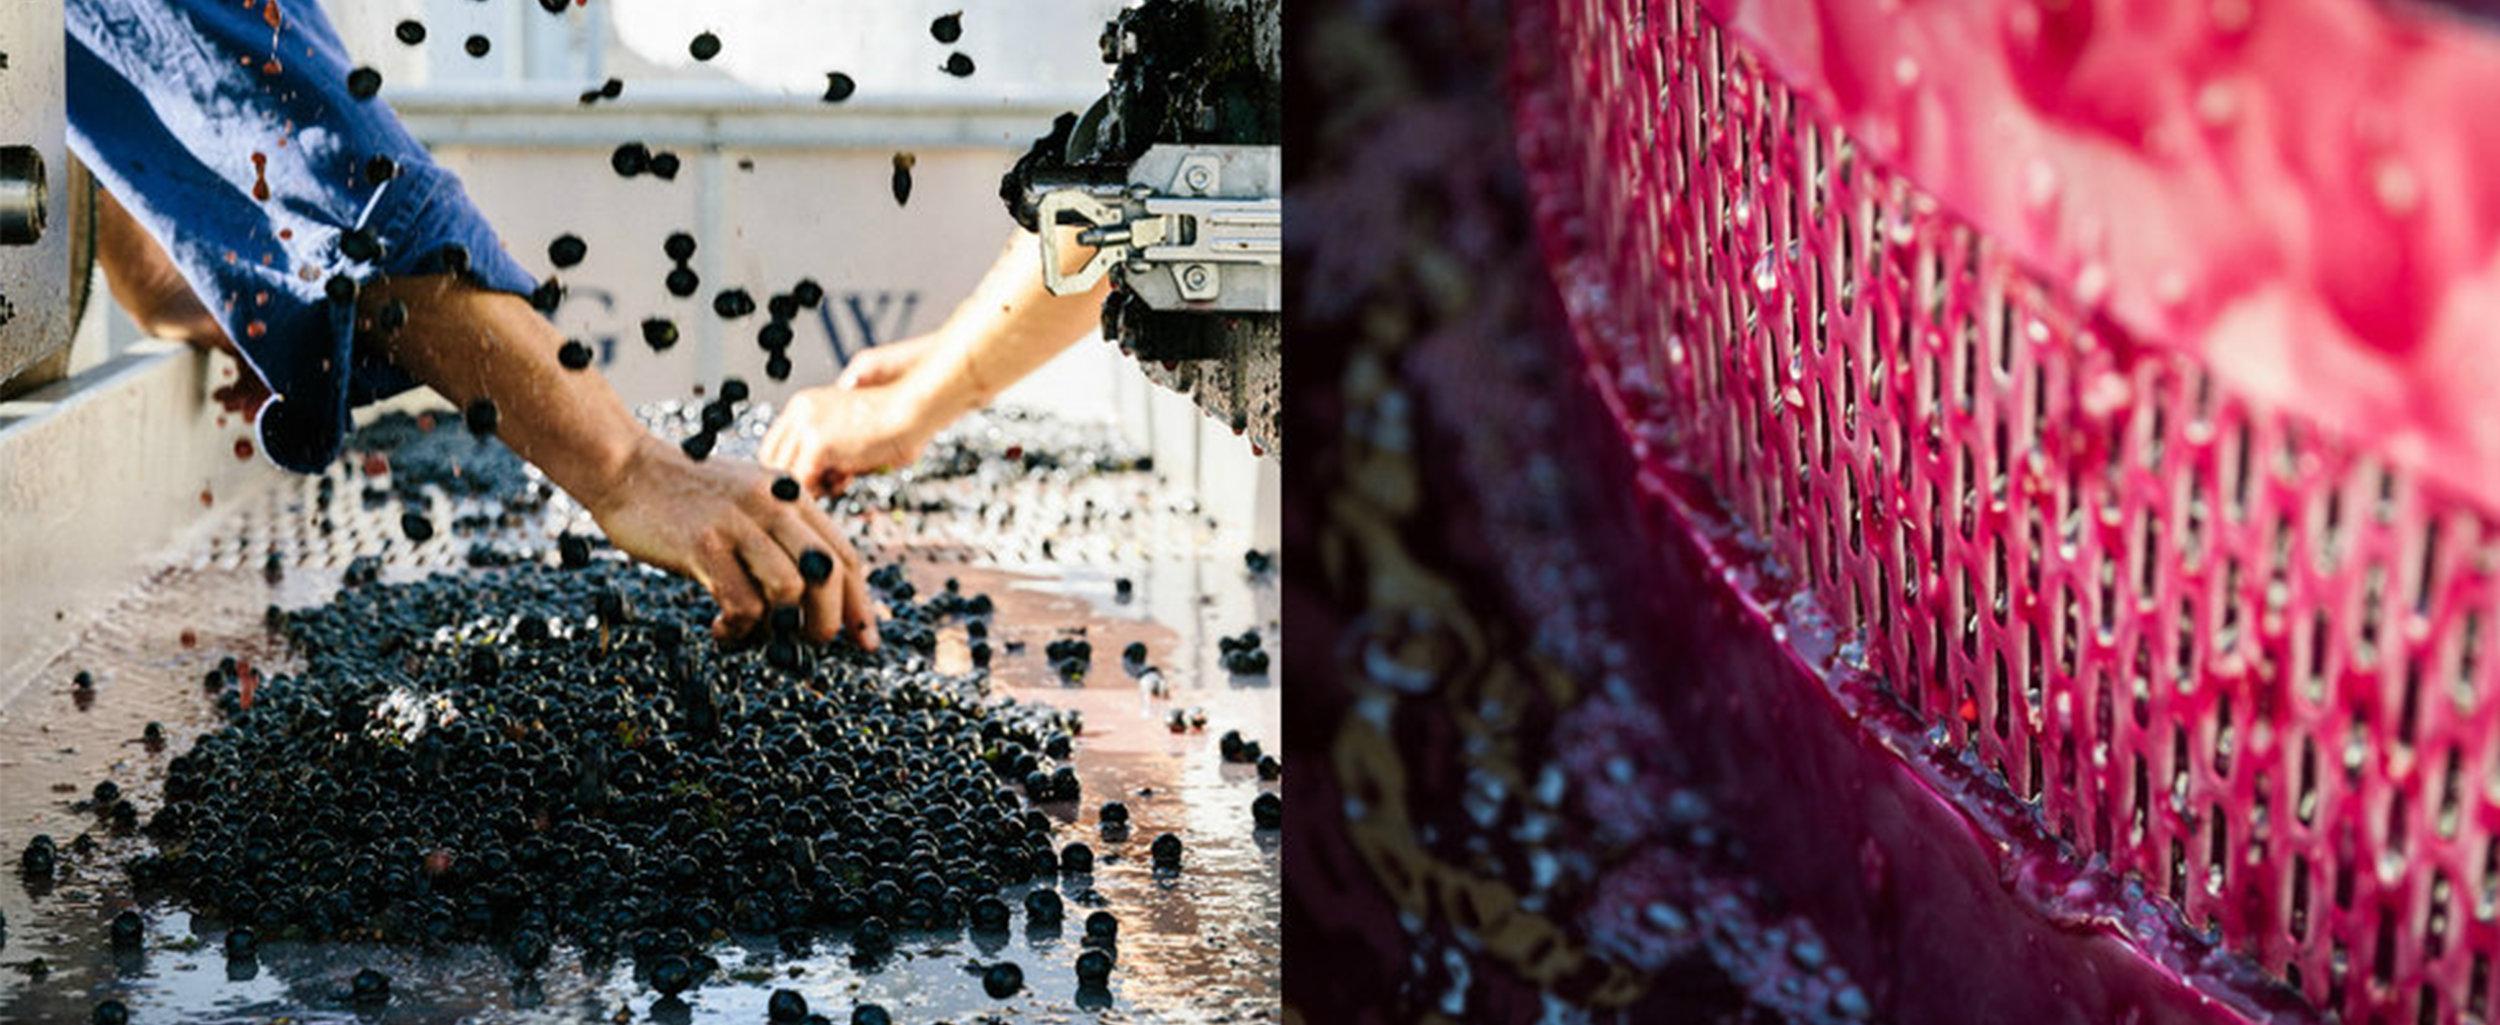 Wine making photo.jpg